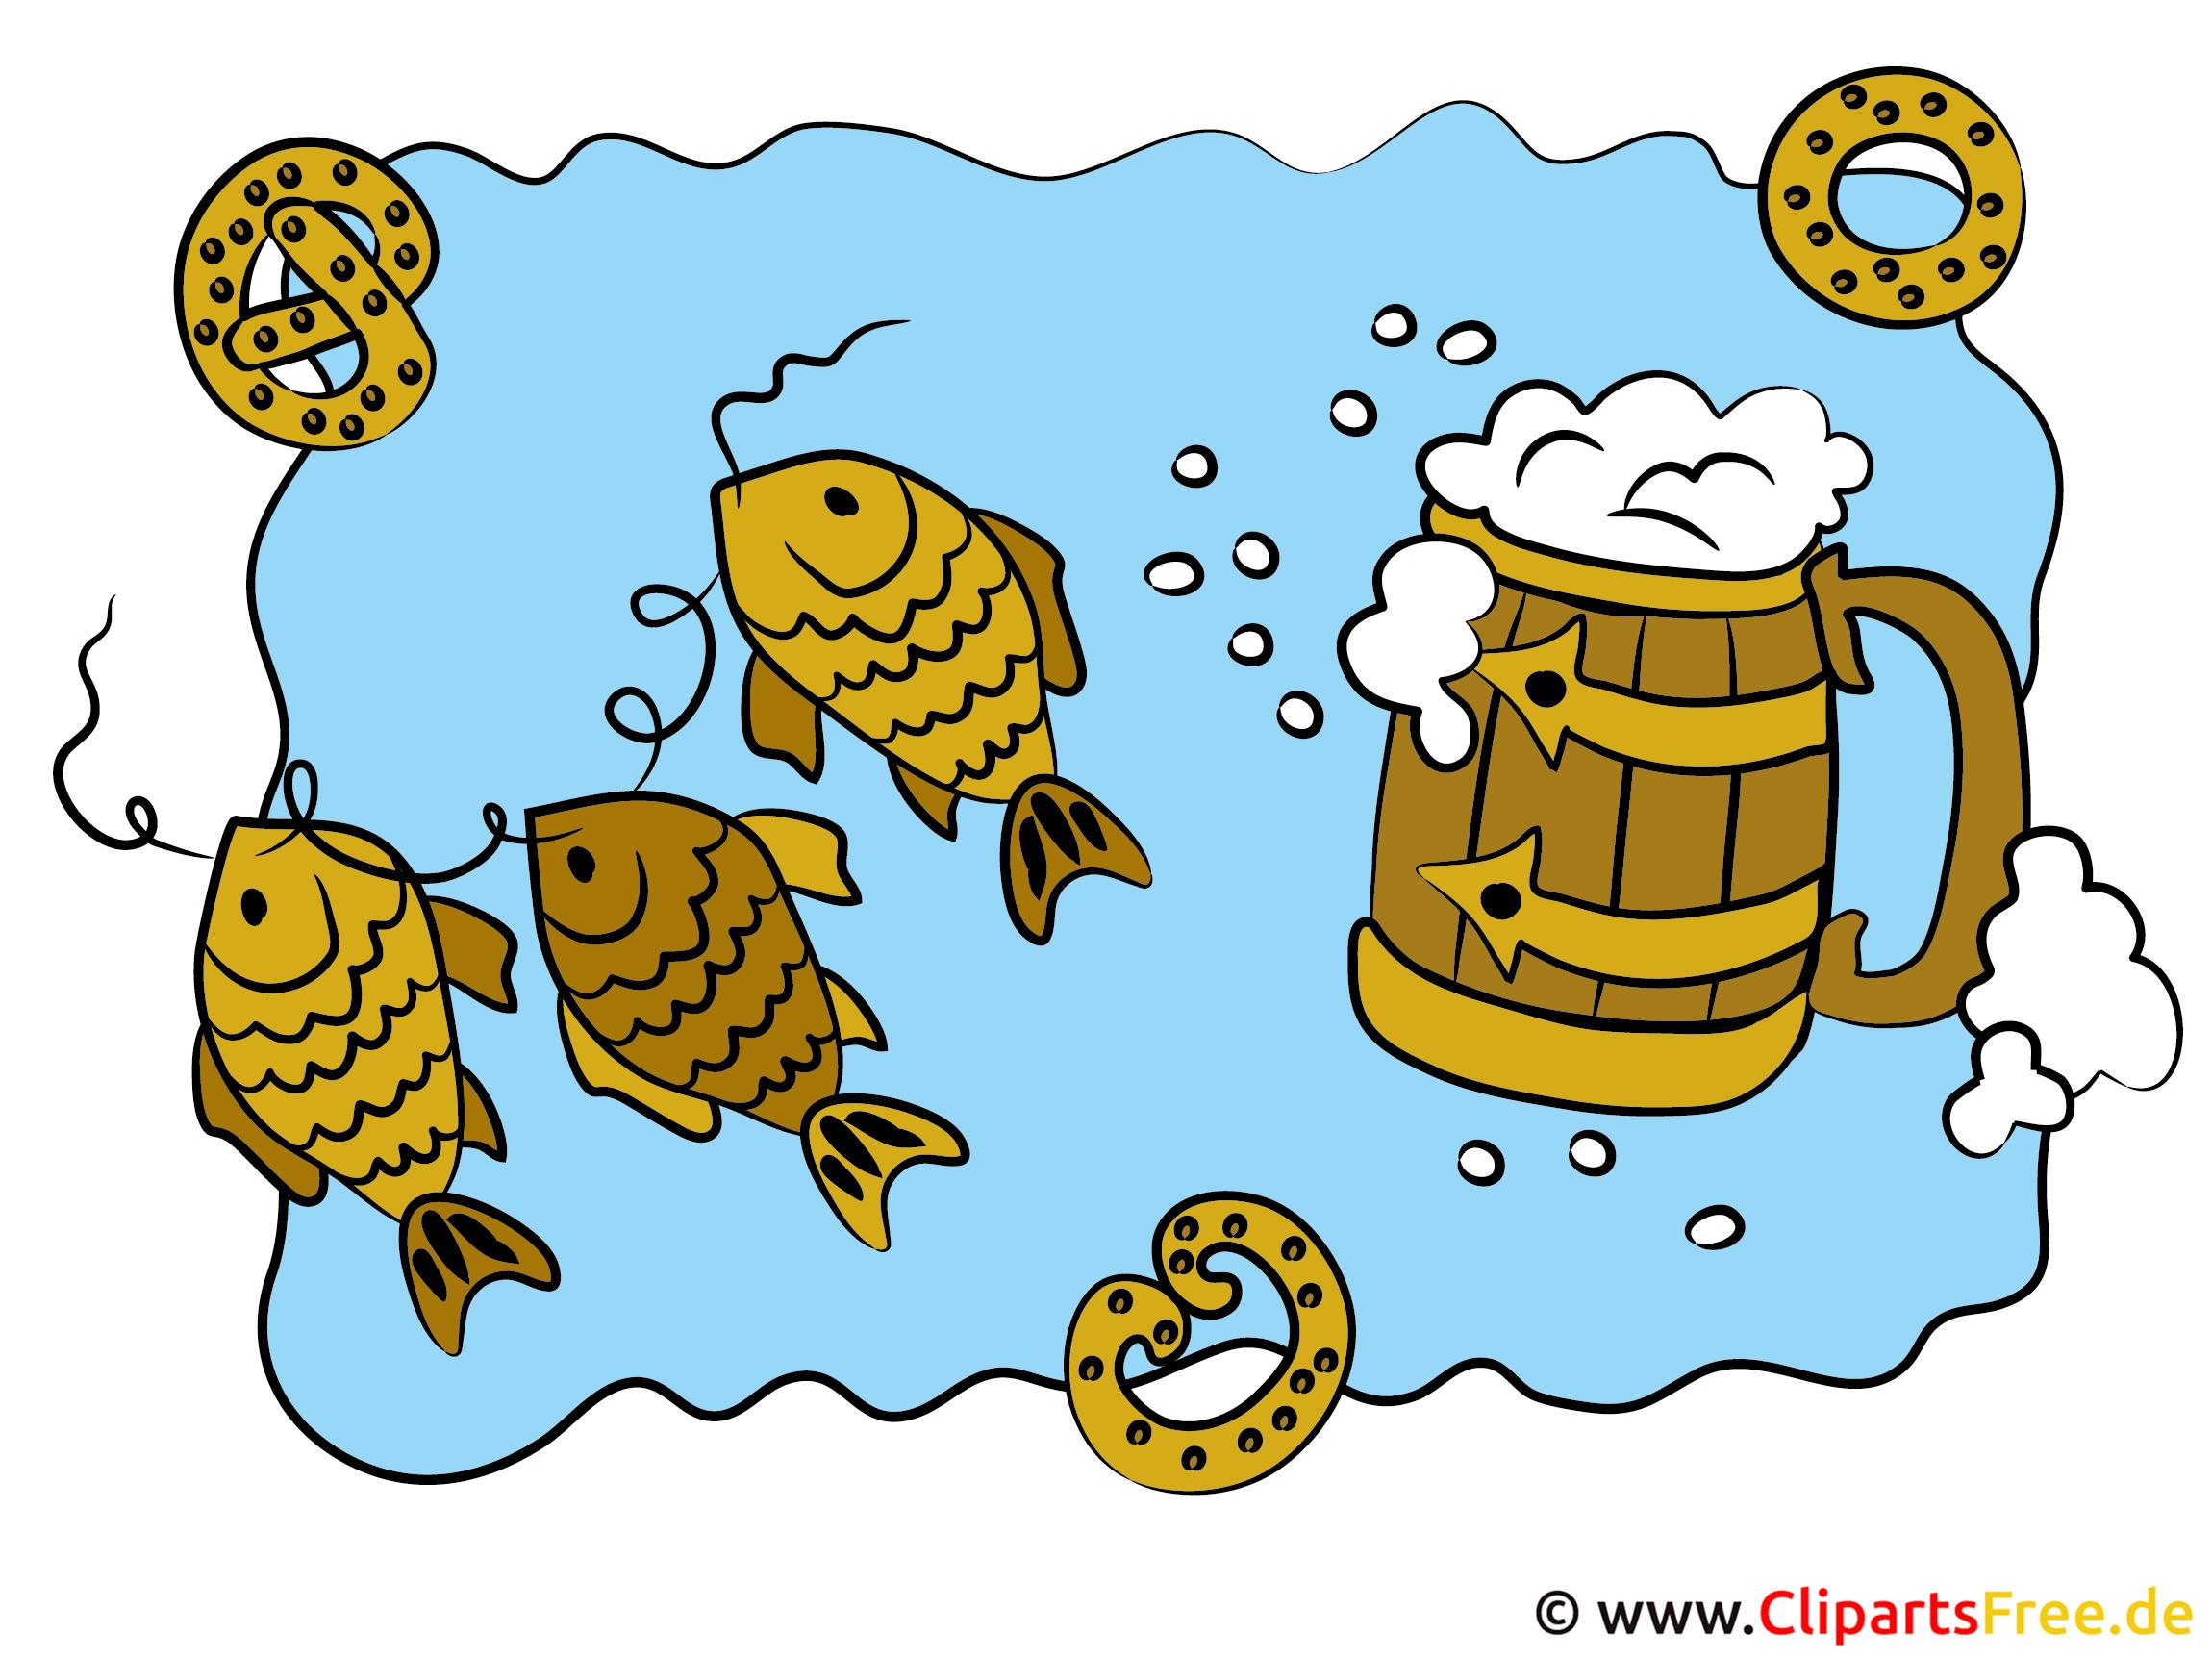 Bilder zum Oktoberfest Bier Cliparts